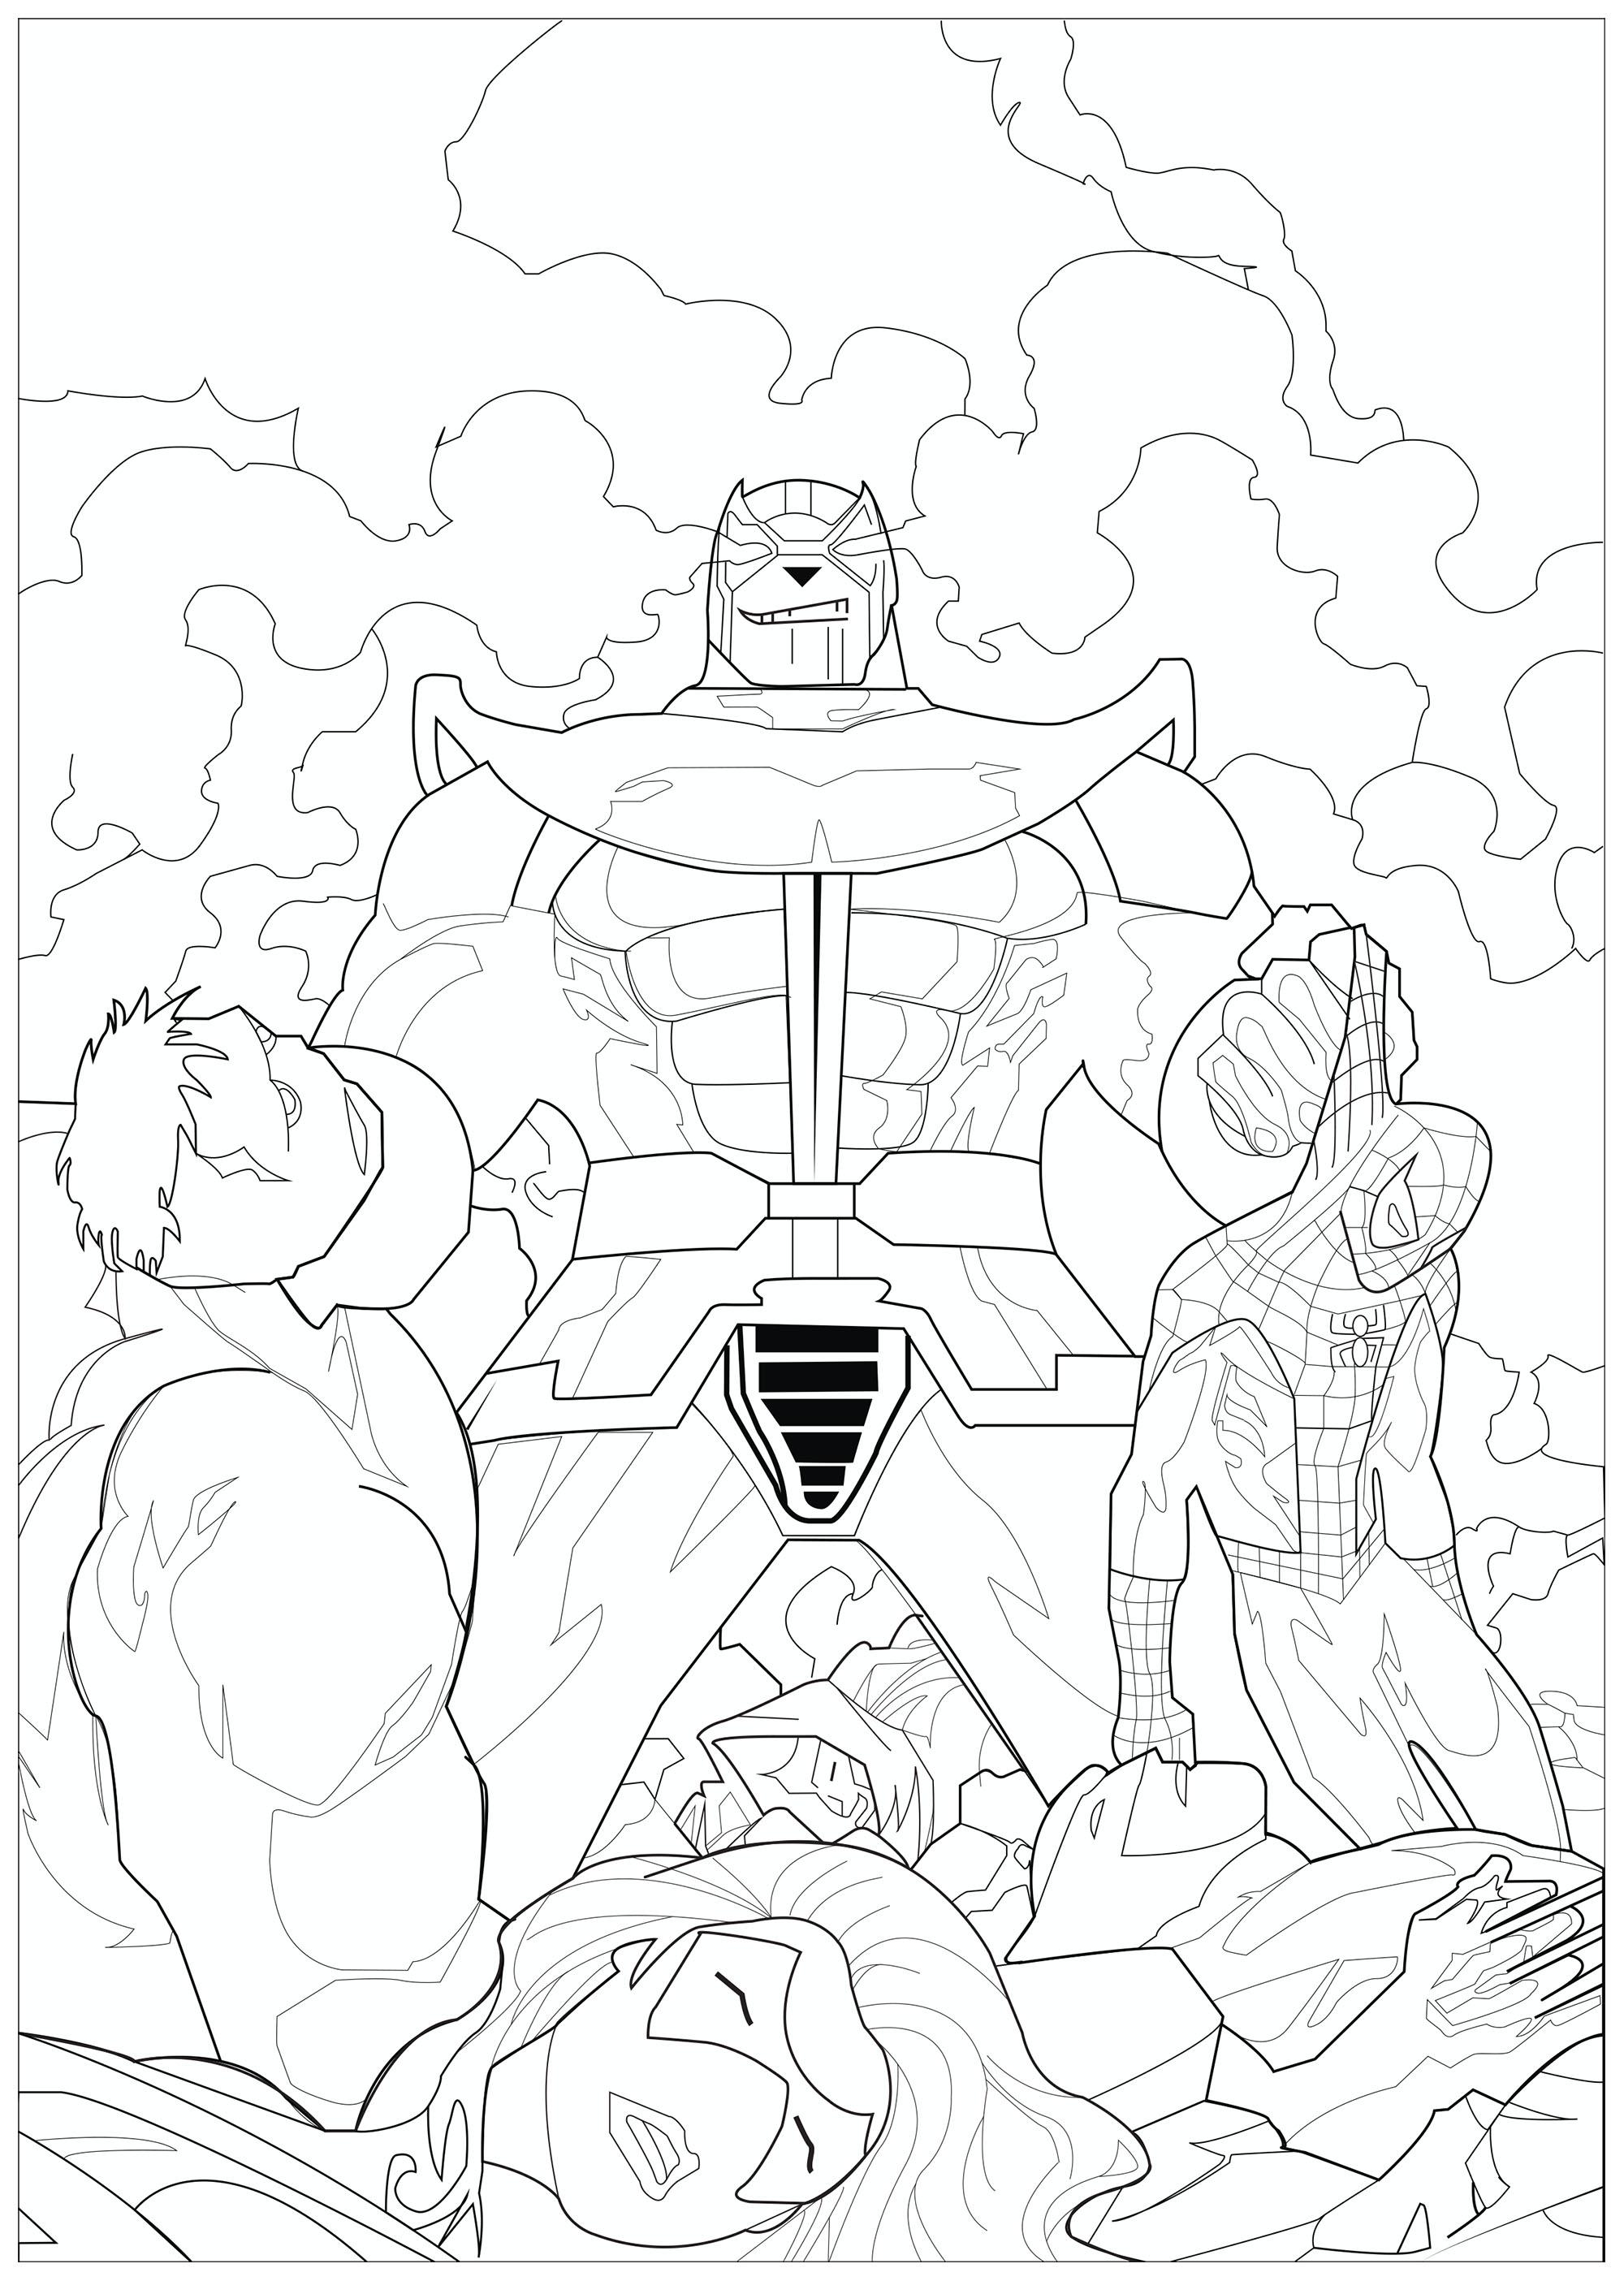 Frais Dessin A Colorier A Imprimer Avengers à Coloriage Marvel